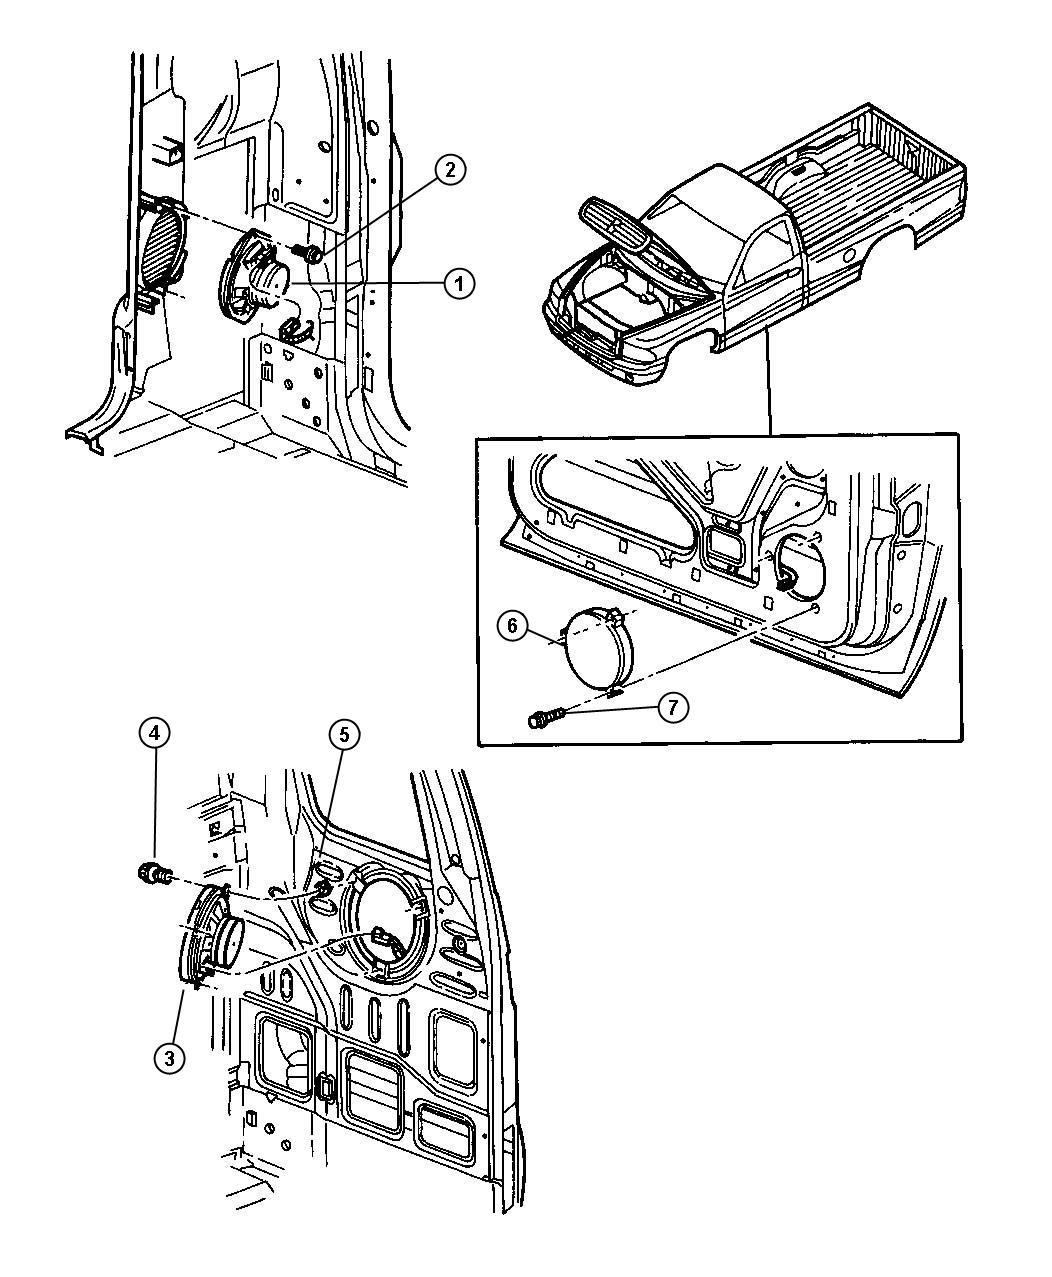 1998 Dodge Dakota Speakers.